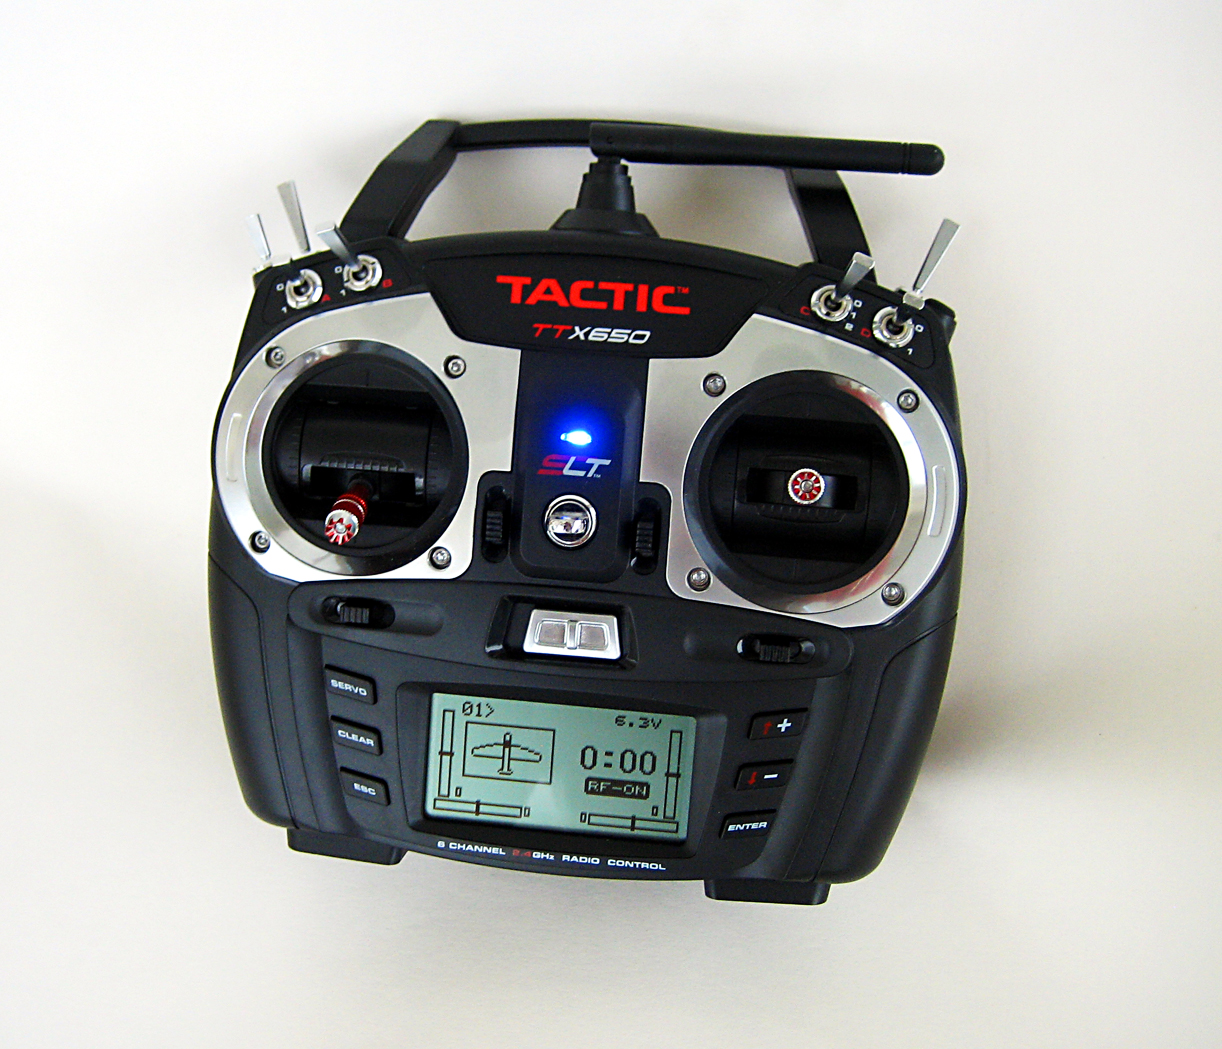 The TACTIC TTX650 Radio